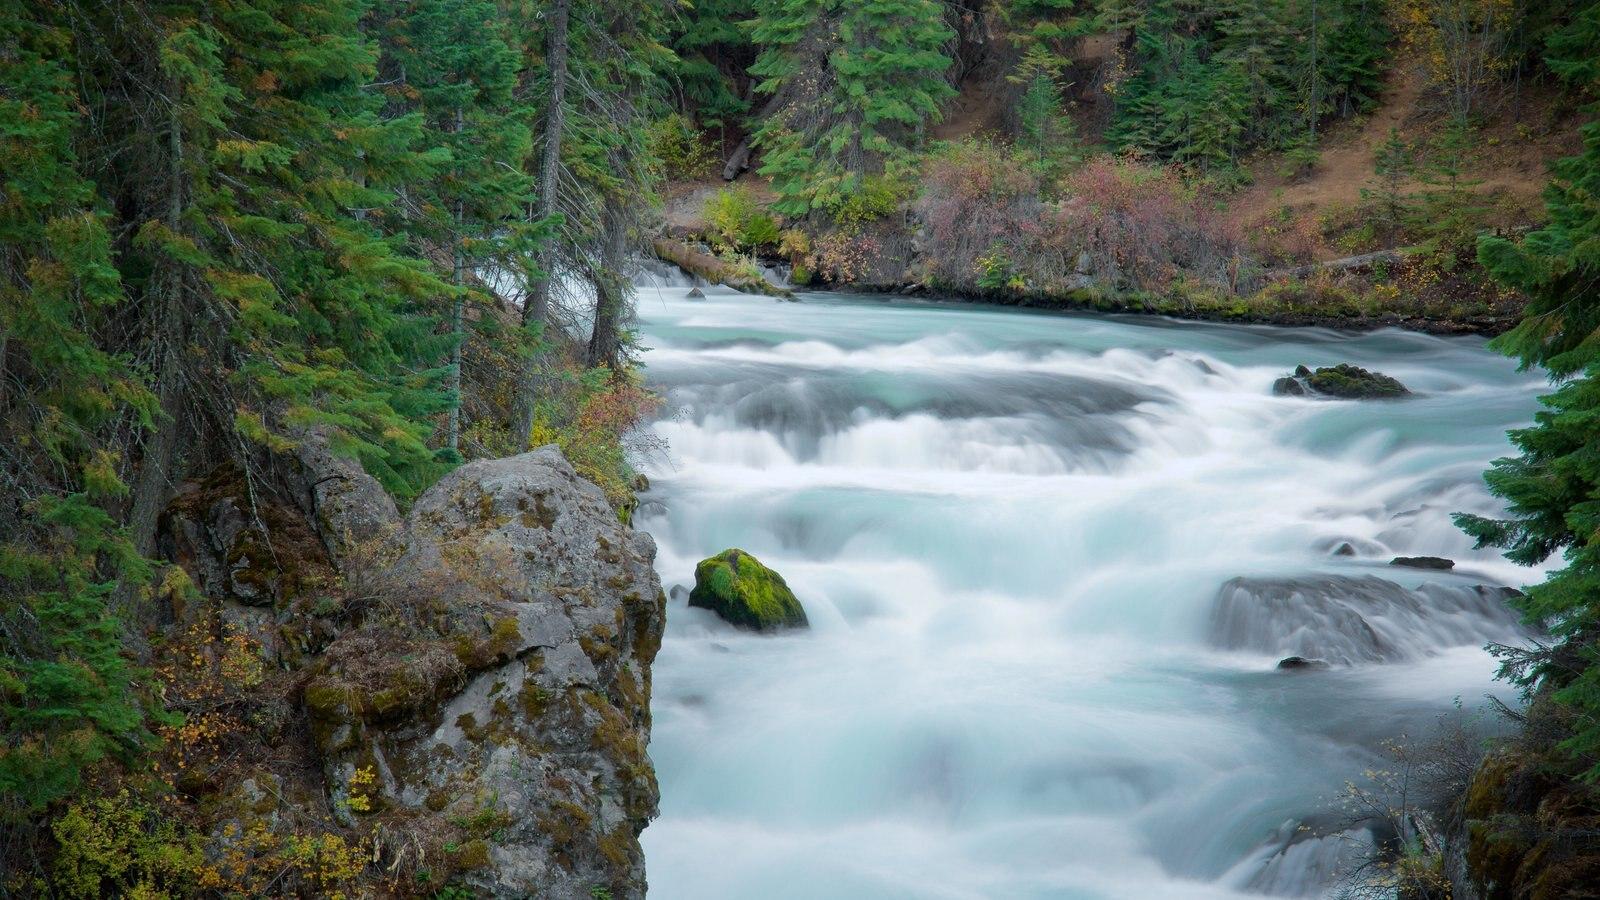 Deschutes National Forest que incluye rápidos y escenas forestales